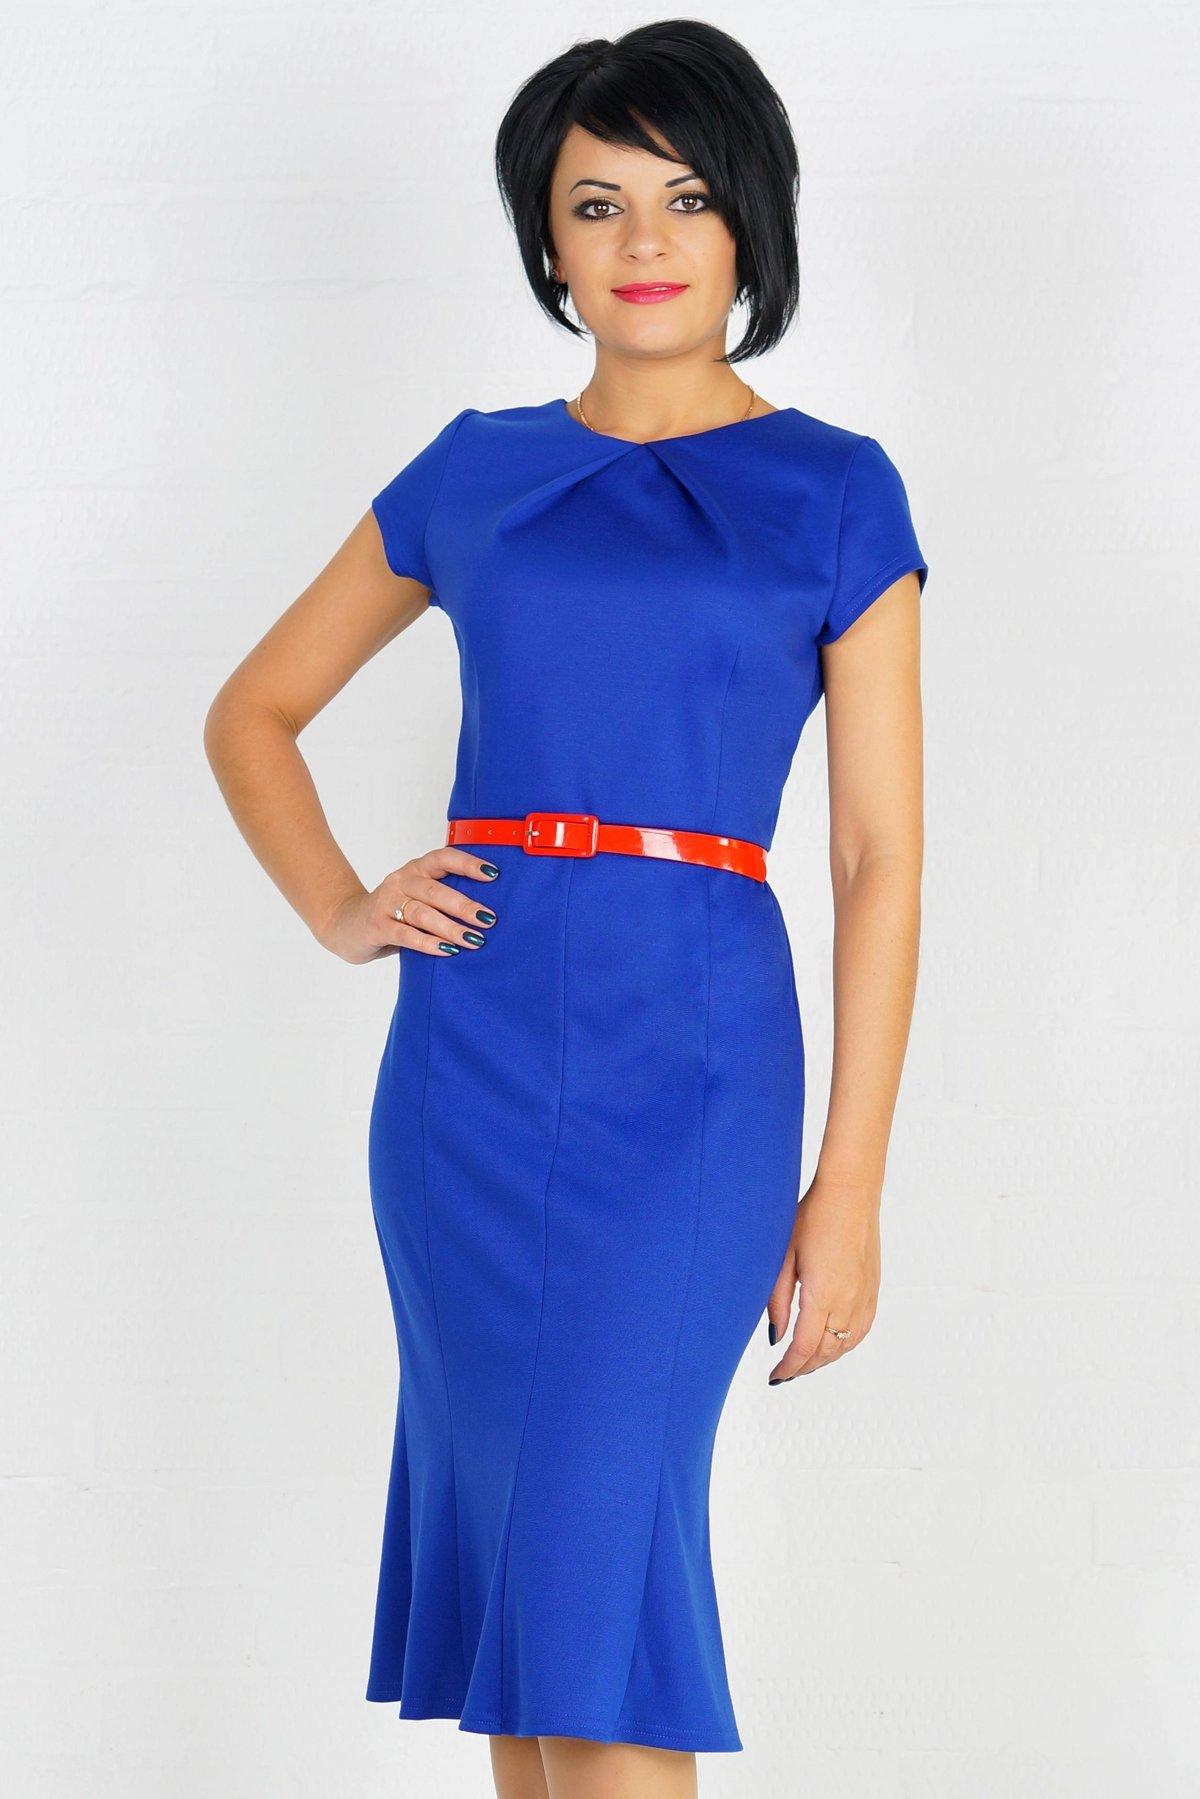 Синее платье с красным поясом фото